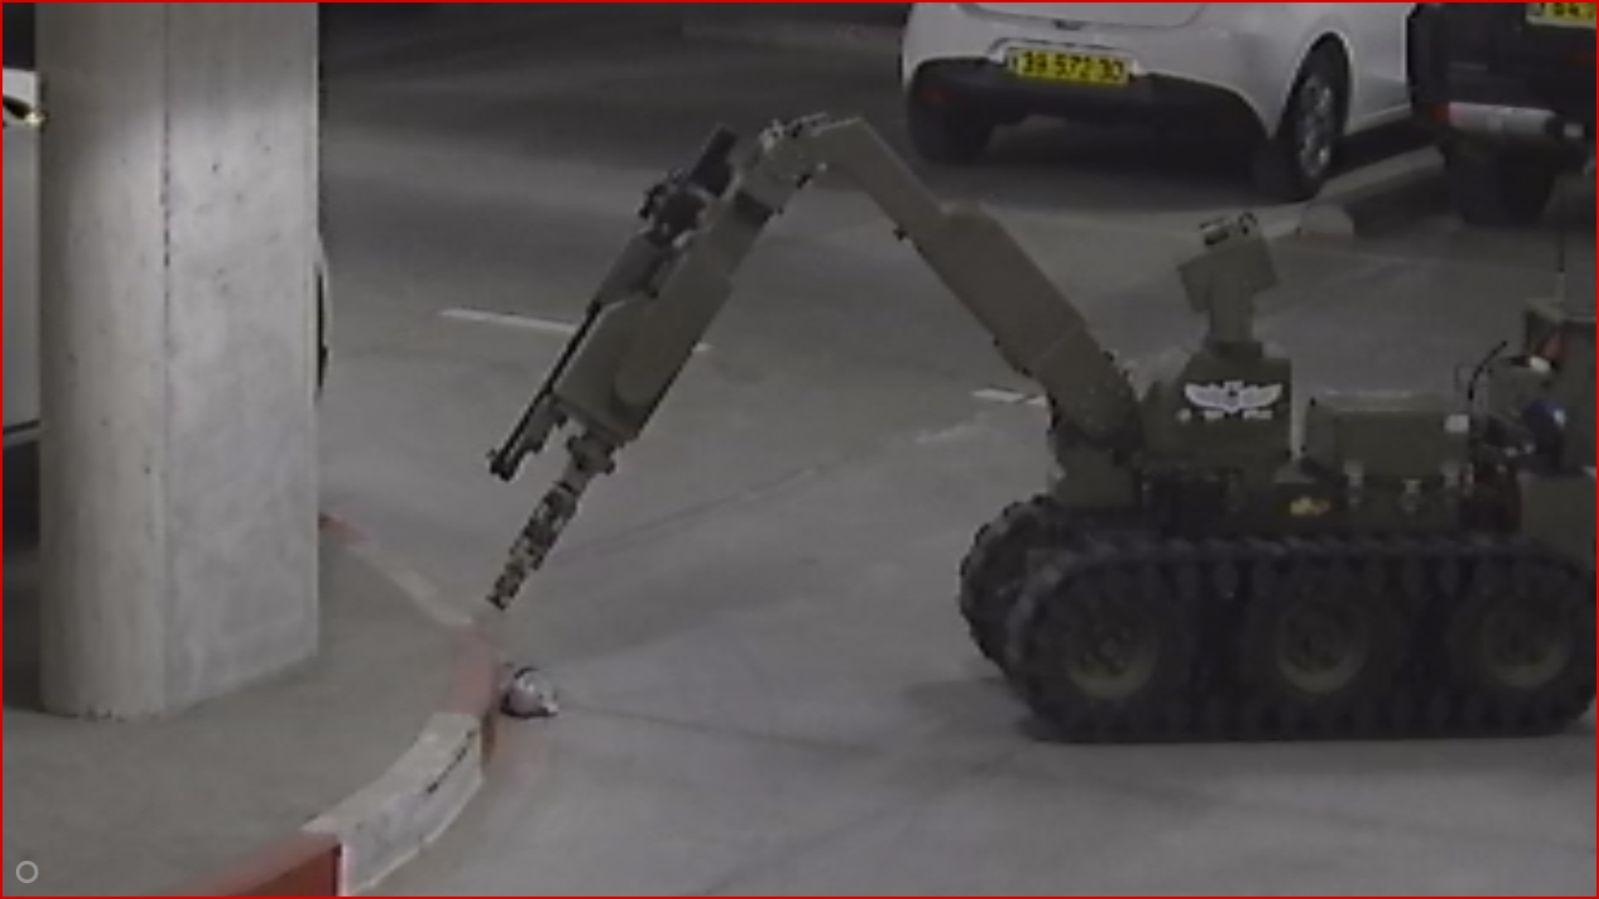 רובוט החבלה בבניין בנאות פרס (מתוך מצלמות האבטחה)